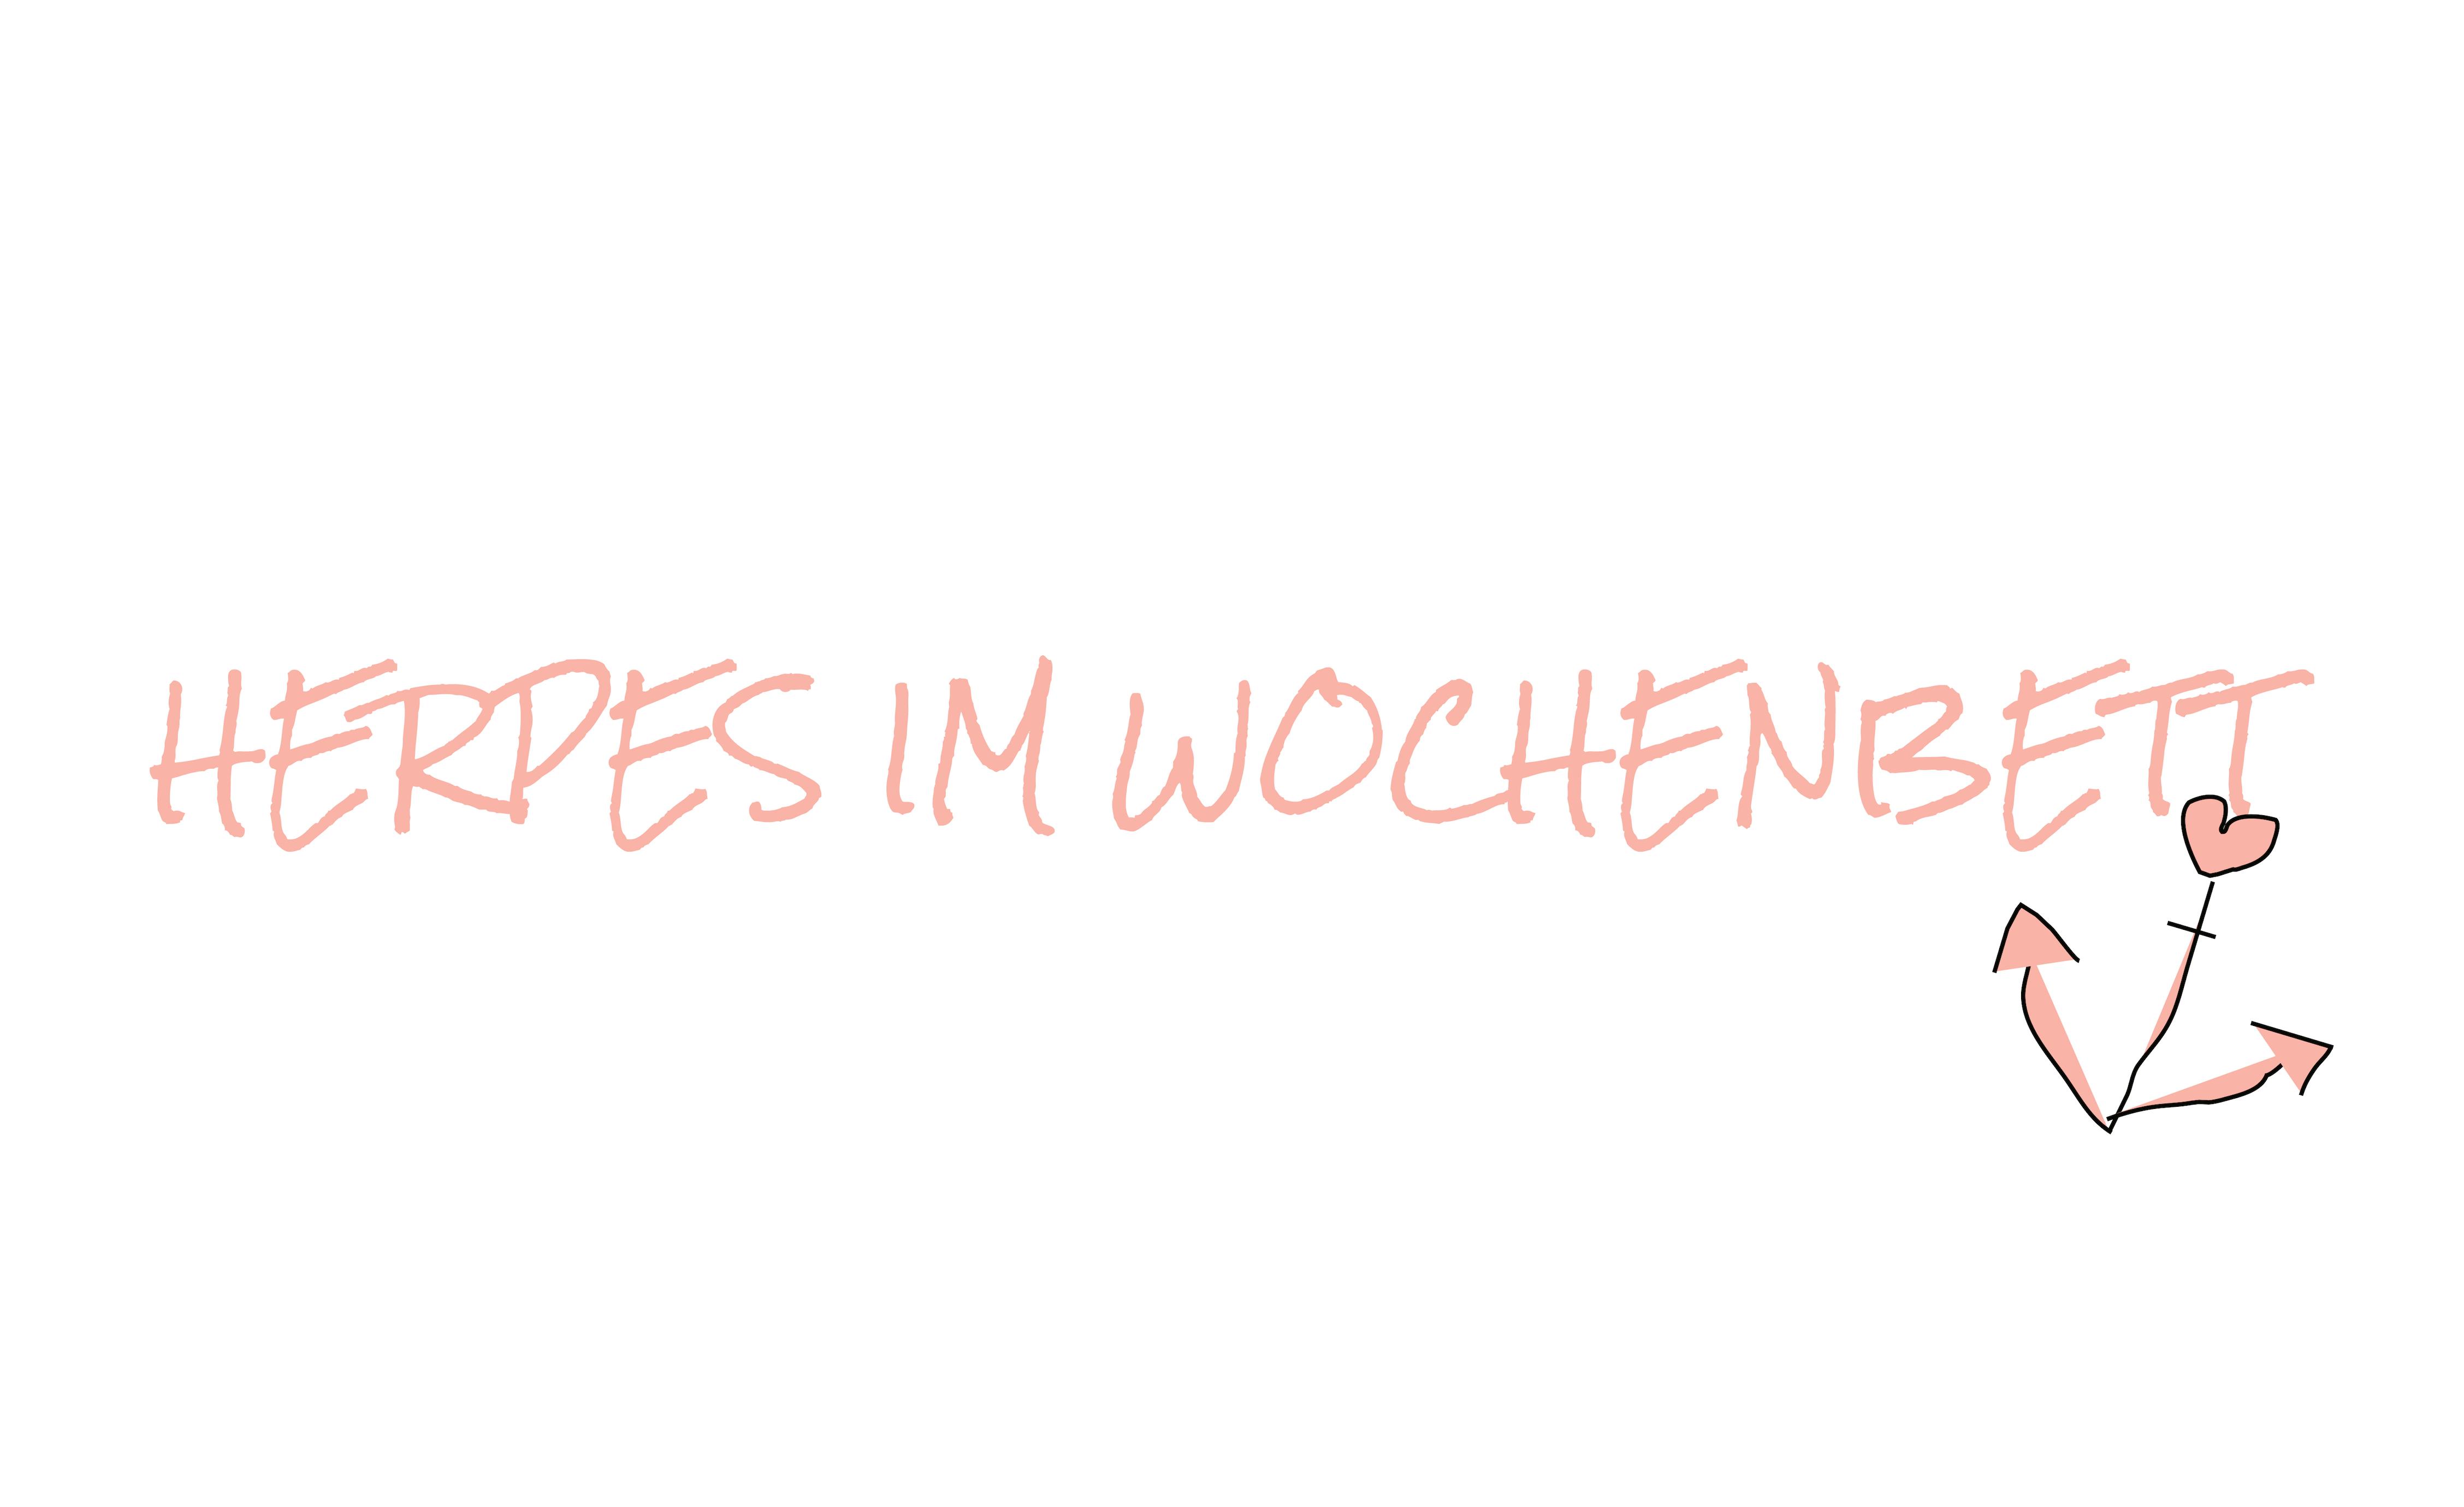 Herpes Wochenbett Hebamme Hebammentipps Hebammenwissen MutterKutter Mamablog Kerstin Lüking